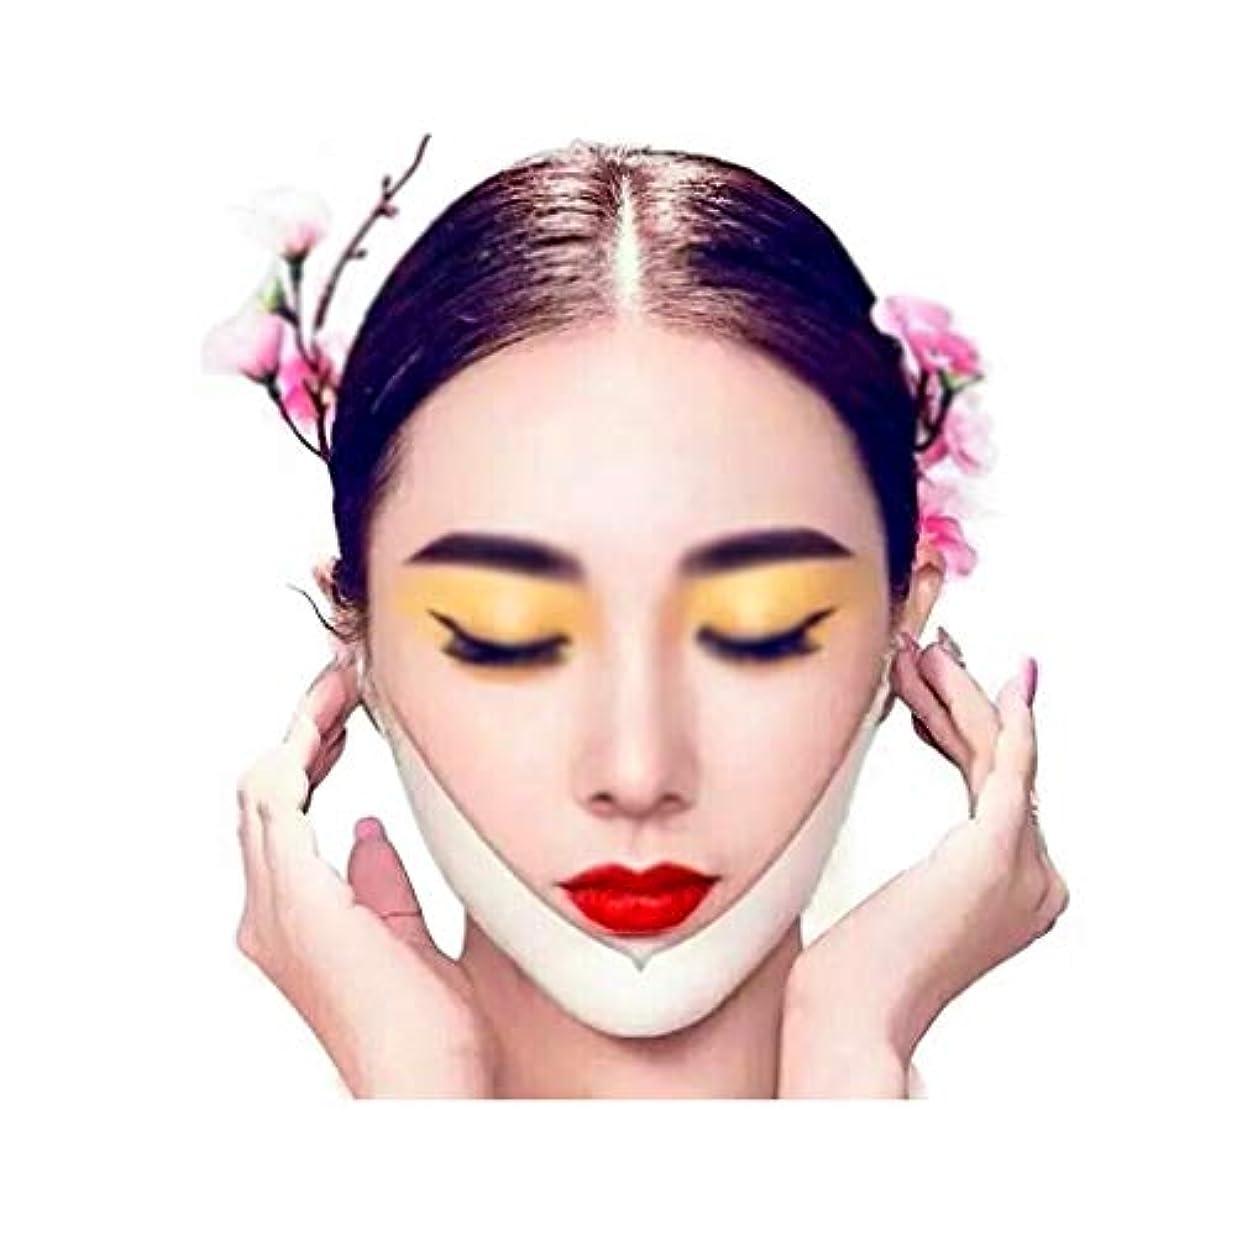 代替損失列挙するXHLMRMJ 薄い顔のマスク、Vの顔の包帯、下顎の咬筋のあごを改善して顔のラインを形作る、5つのボックス、3つの顔のマスク